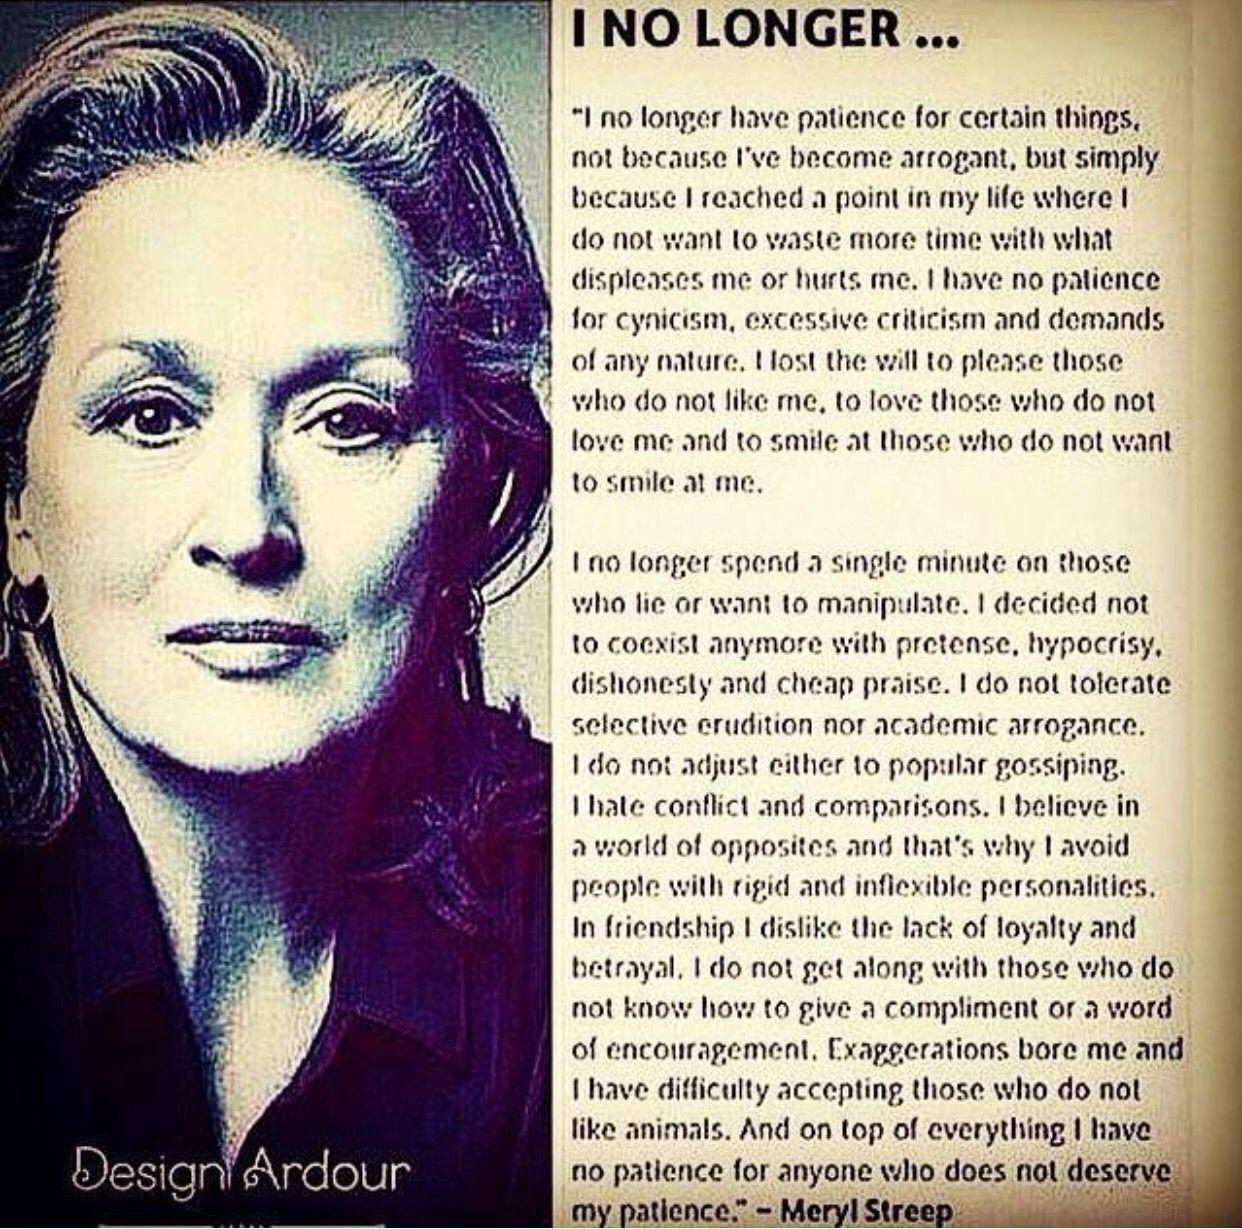 I No Longer...AMEN!